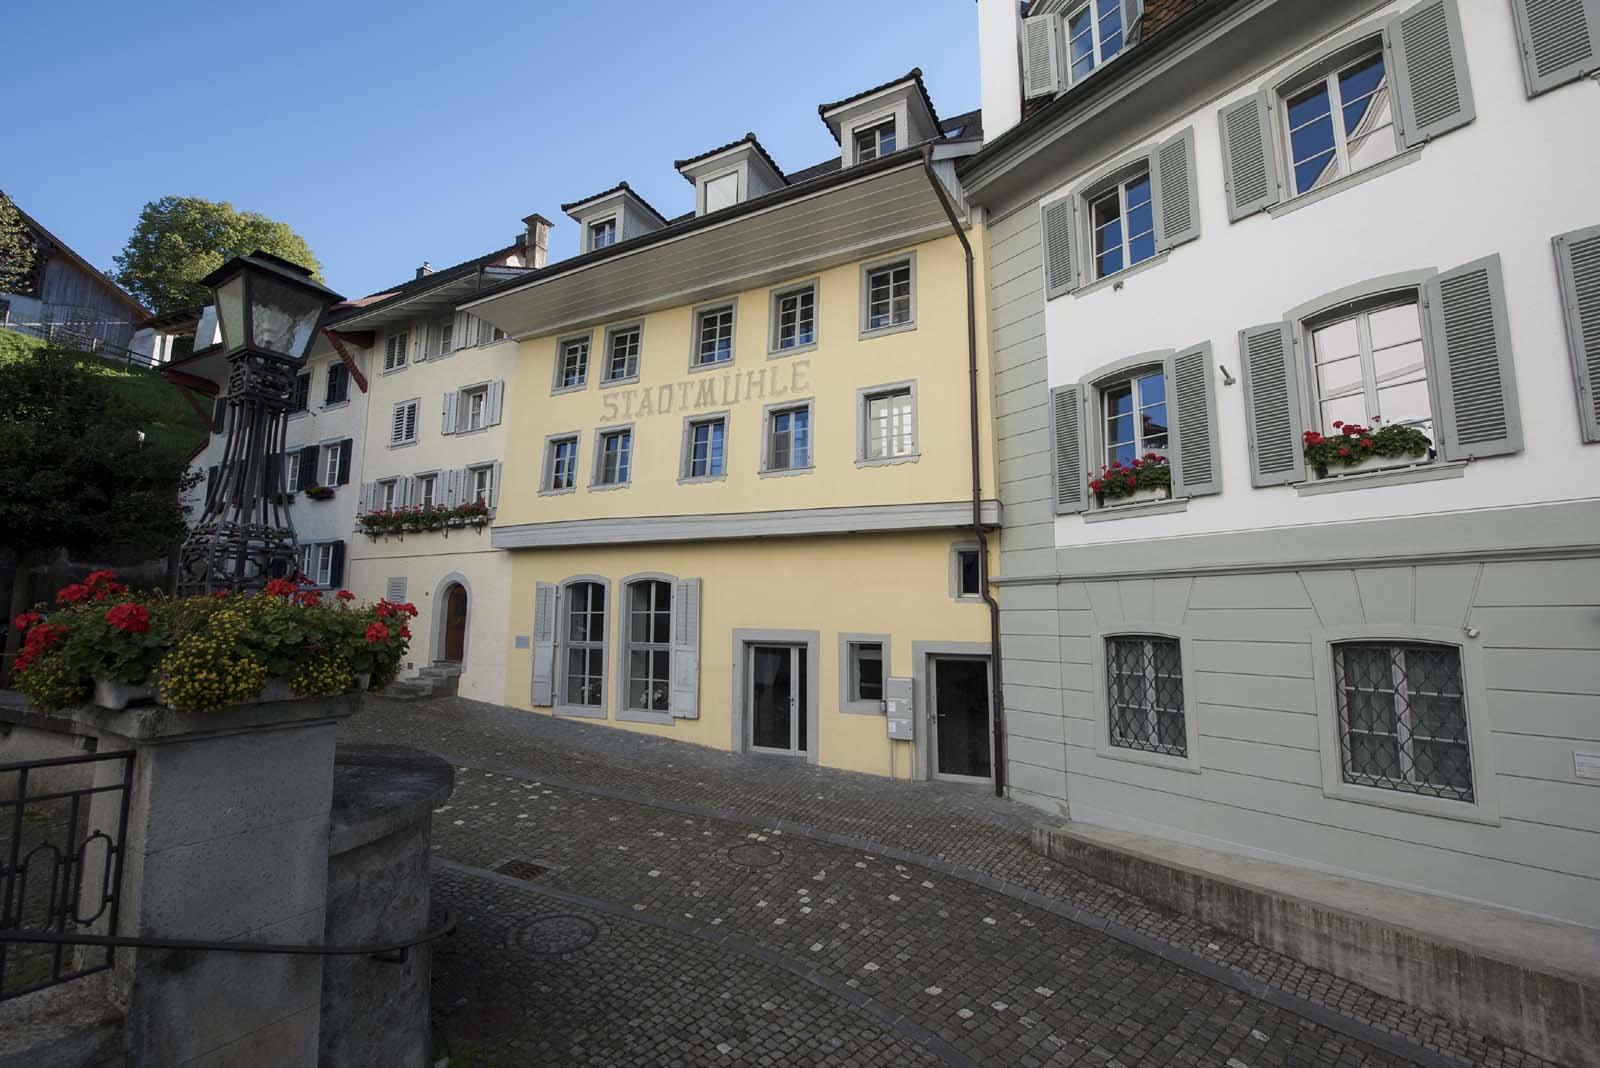 Stadtmühle Willisau